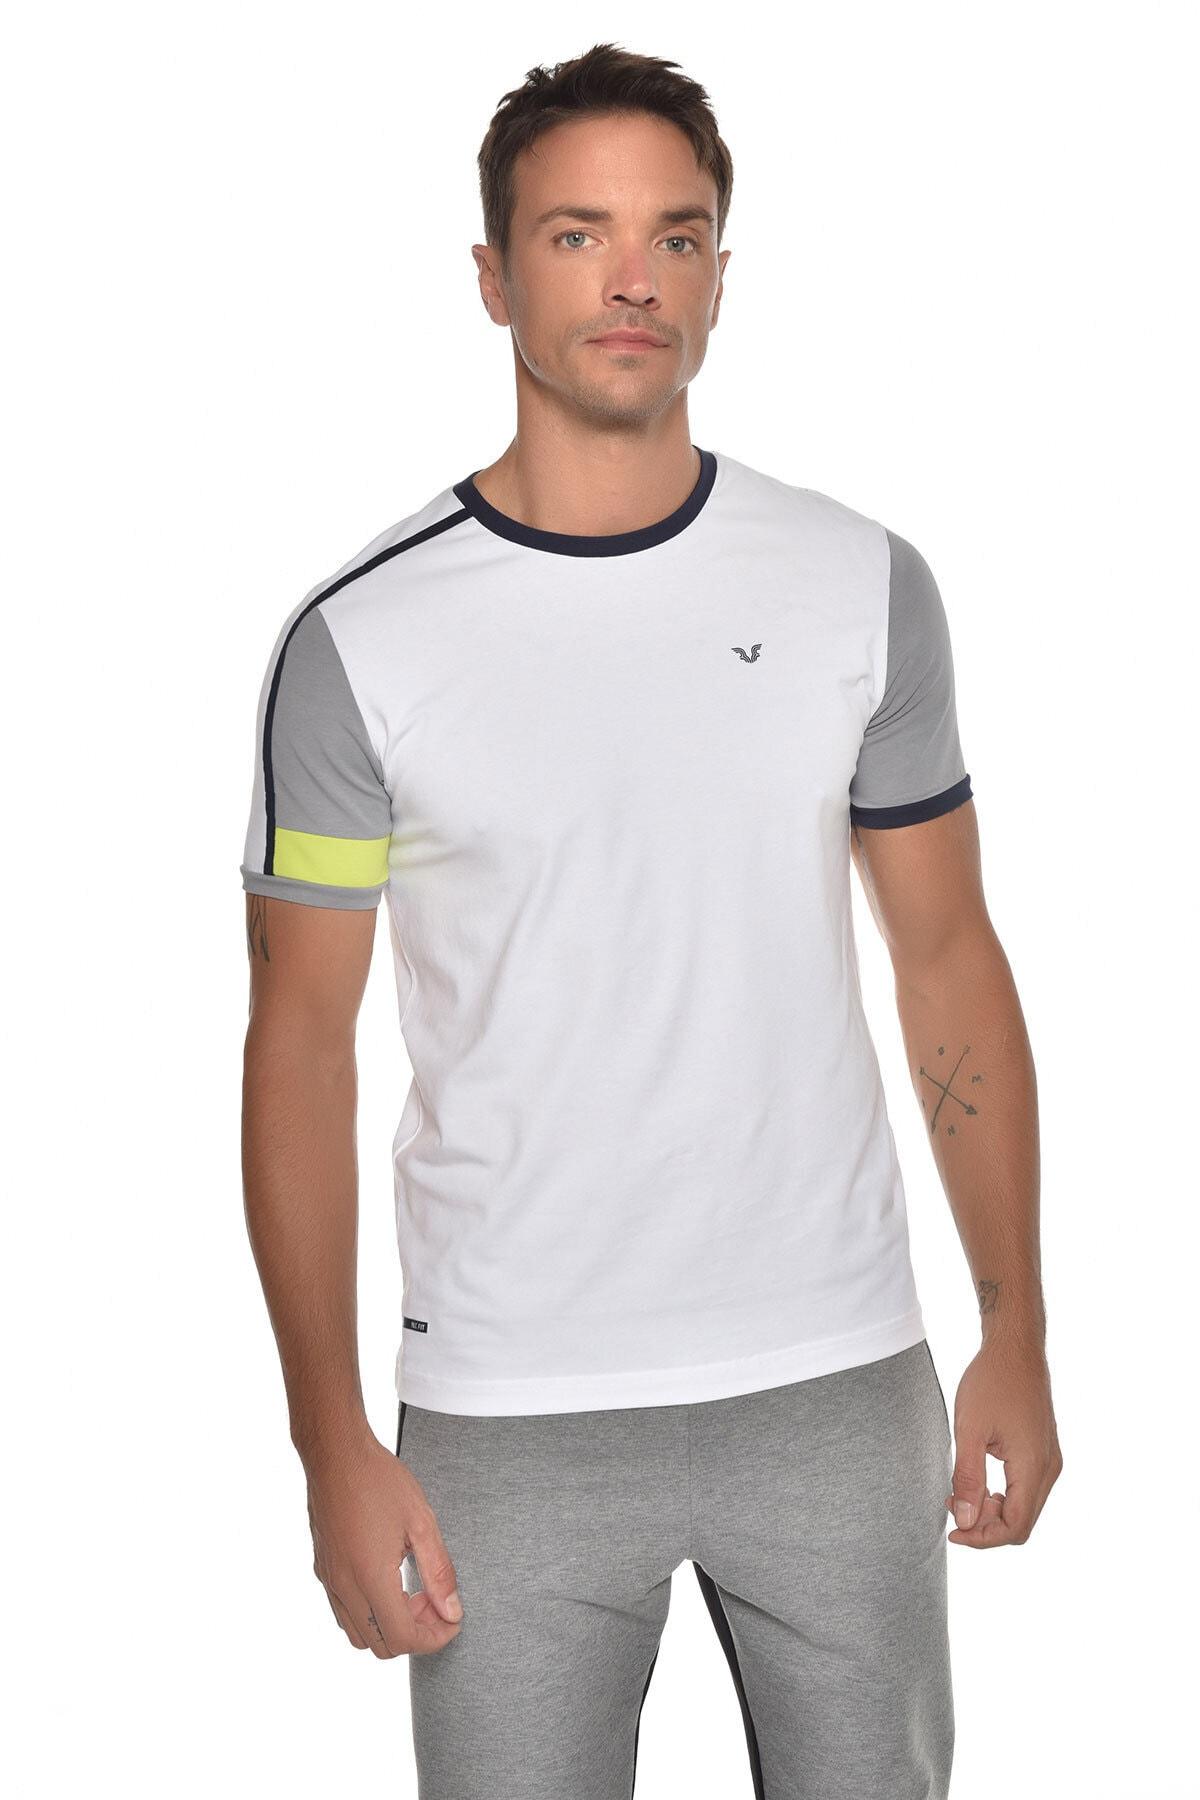 bilcee Beyaz Erkek Kısa Kol T-shirt Gw-9387 1